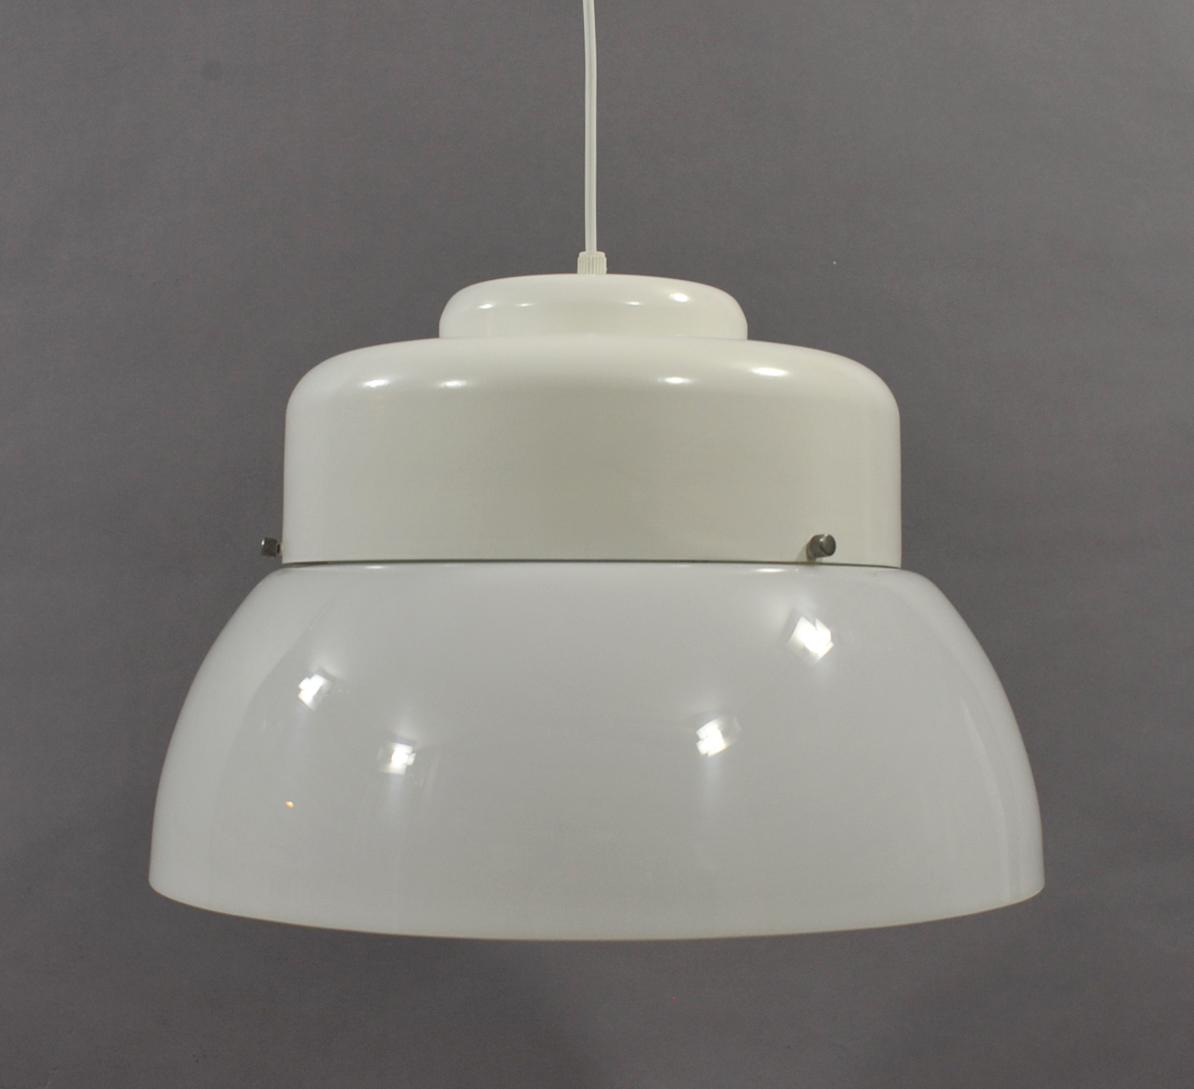 Lustre Blanc Des Annees 70 Modulolab